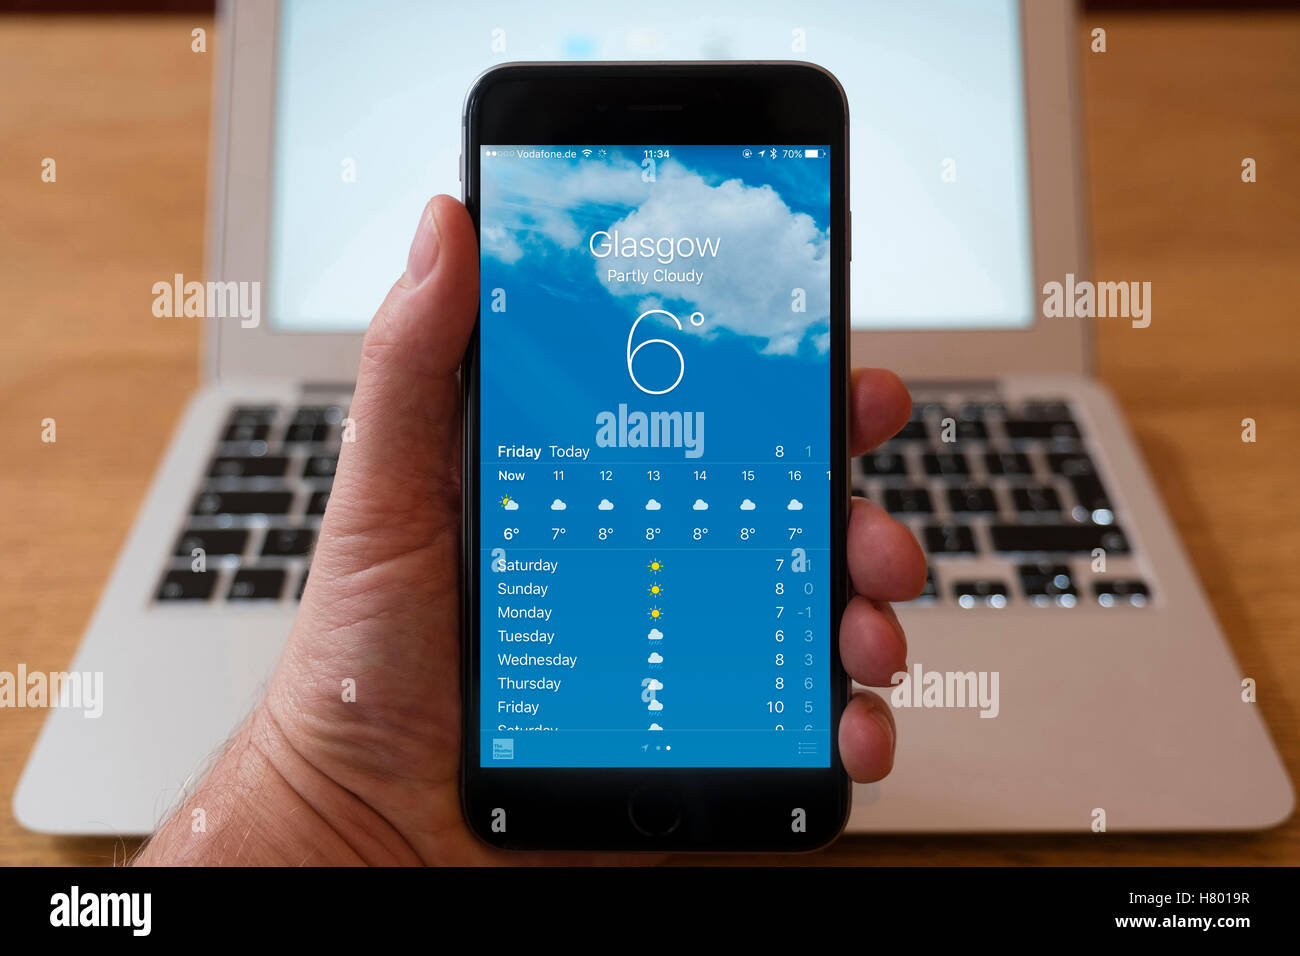 Verwendung von iPhone Smartphone anzuzeigenden Wettervorhersage für Glasgow, UK Stockbild